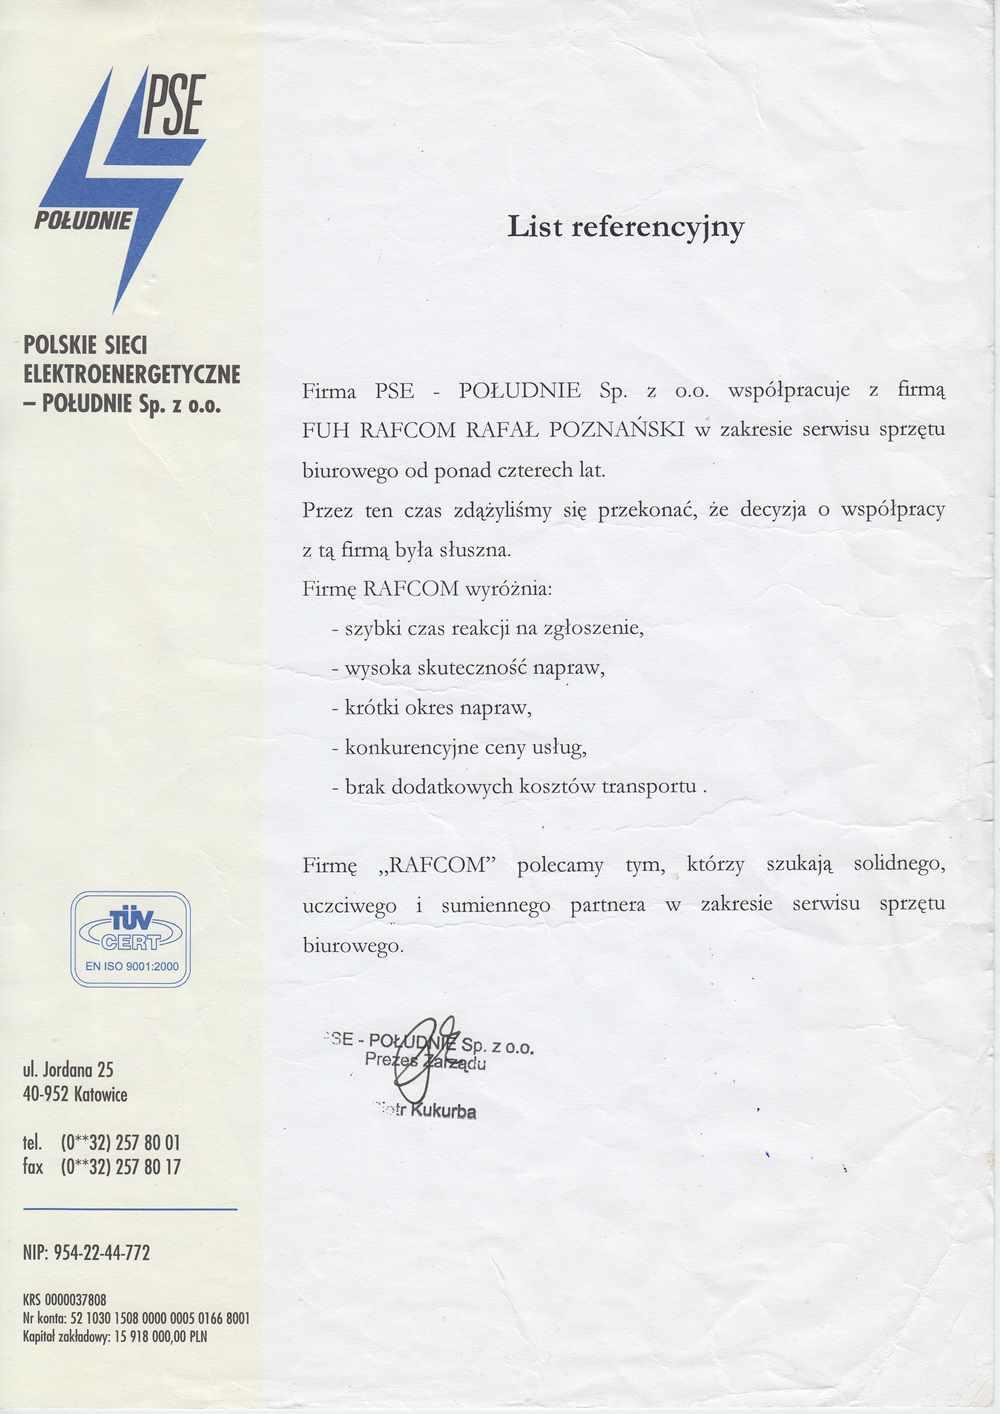 Rafcom Katowice List Referencyjny